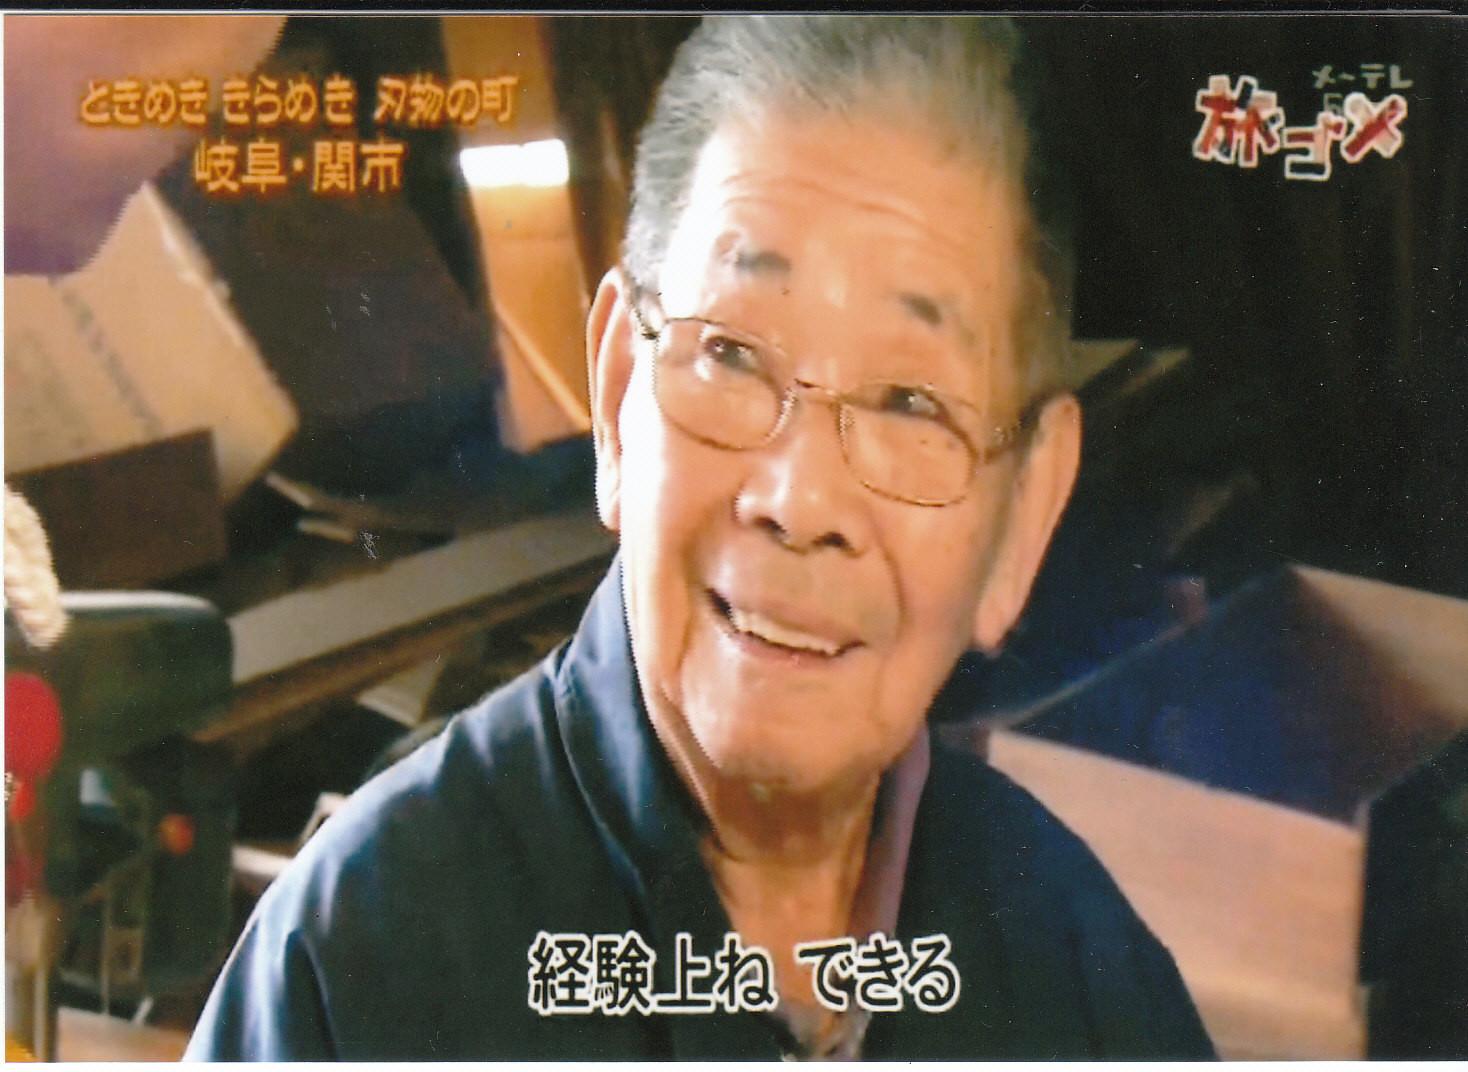 親父の笑顔